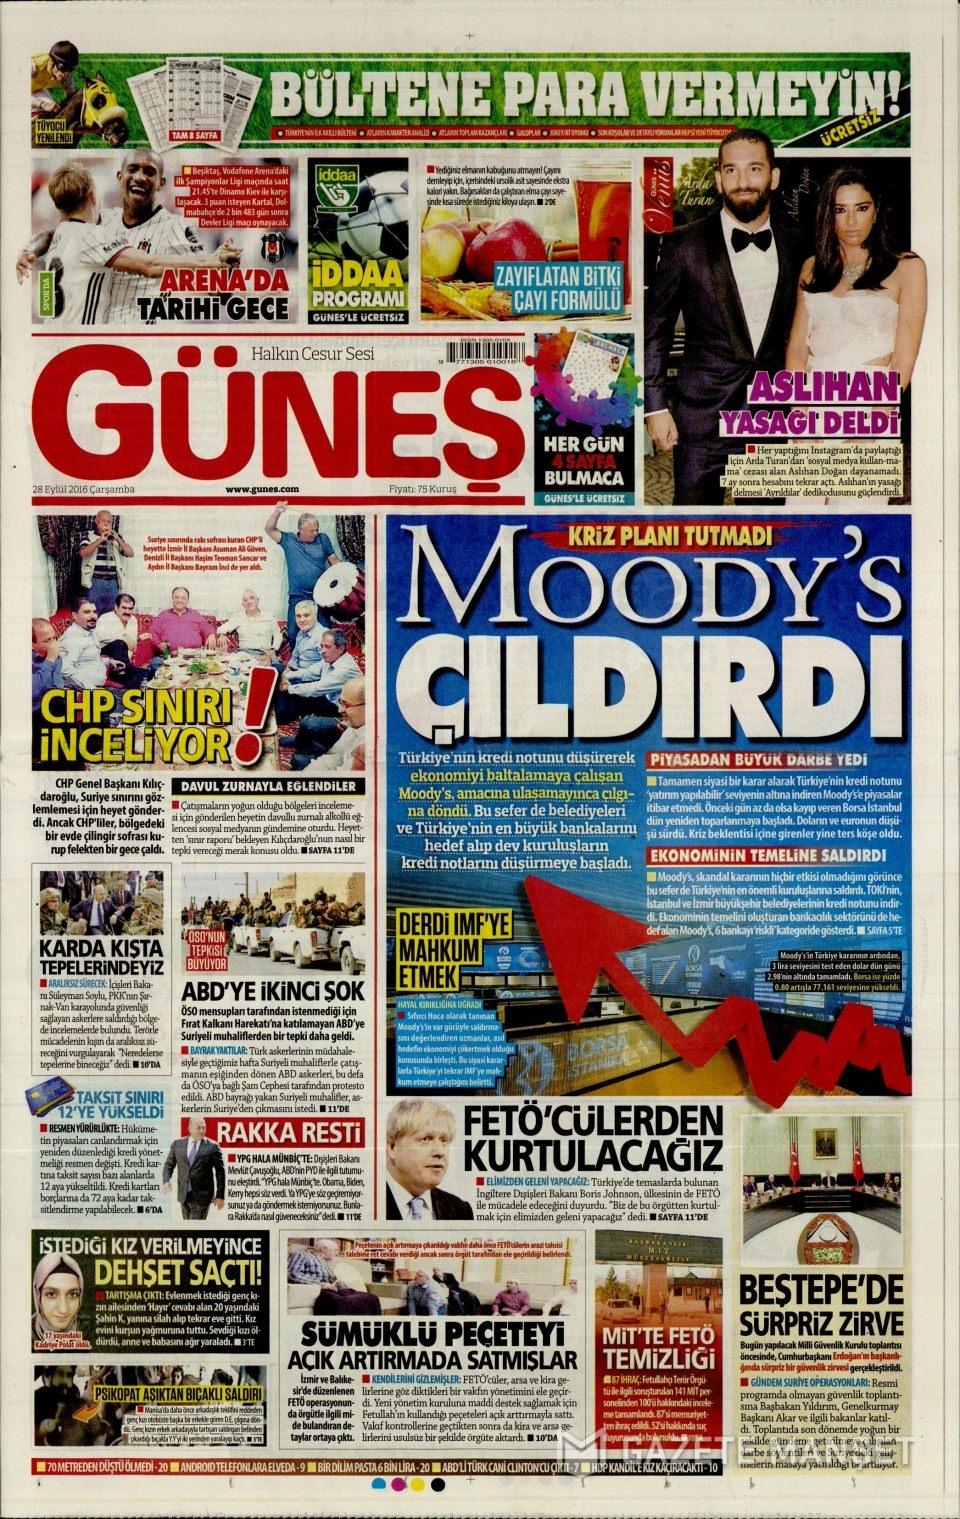 28 Eylül Çarşamba gazete manşetleri 12